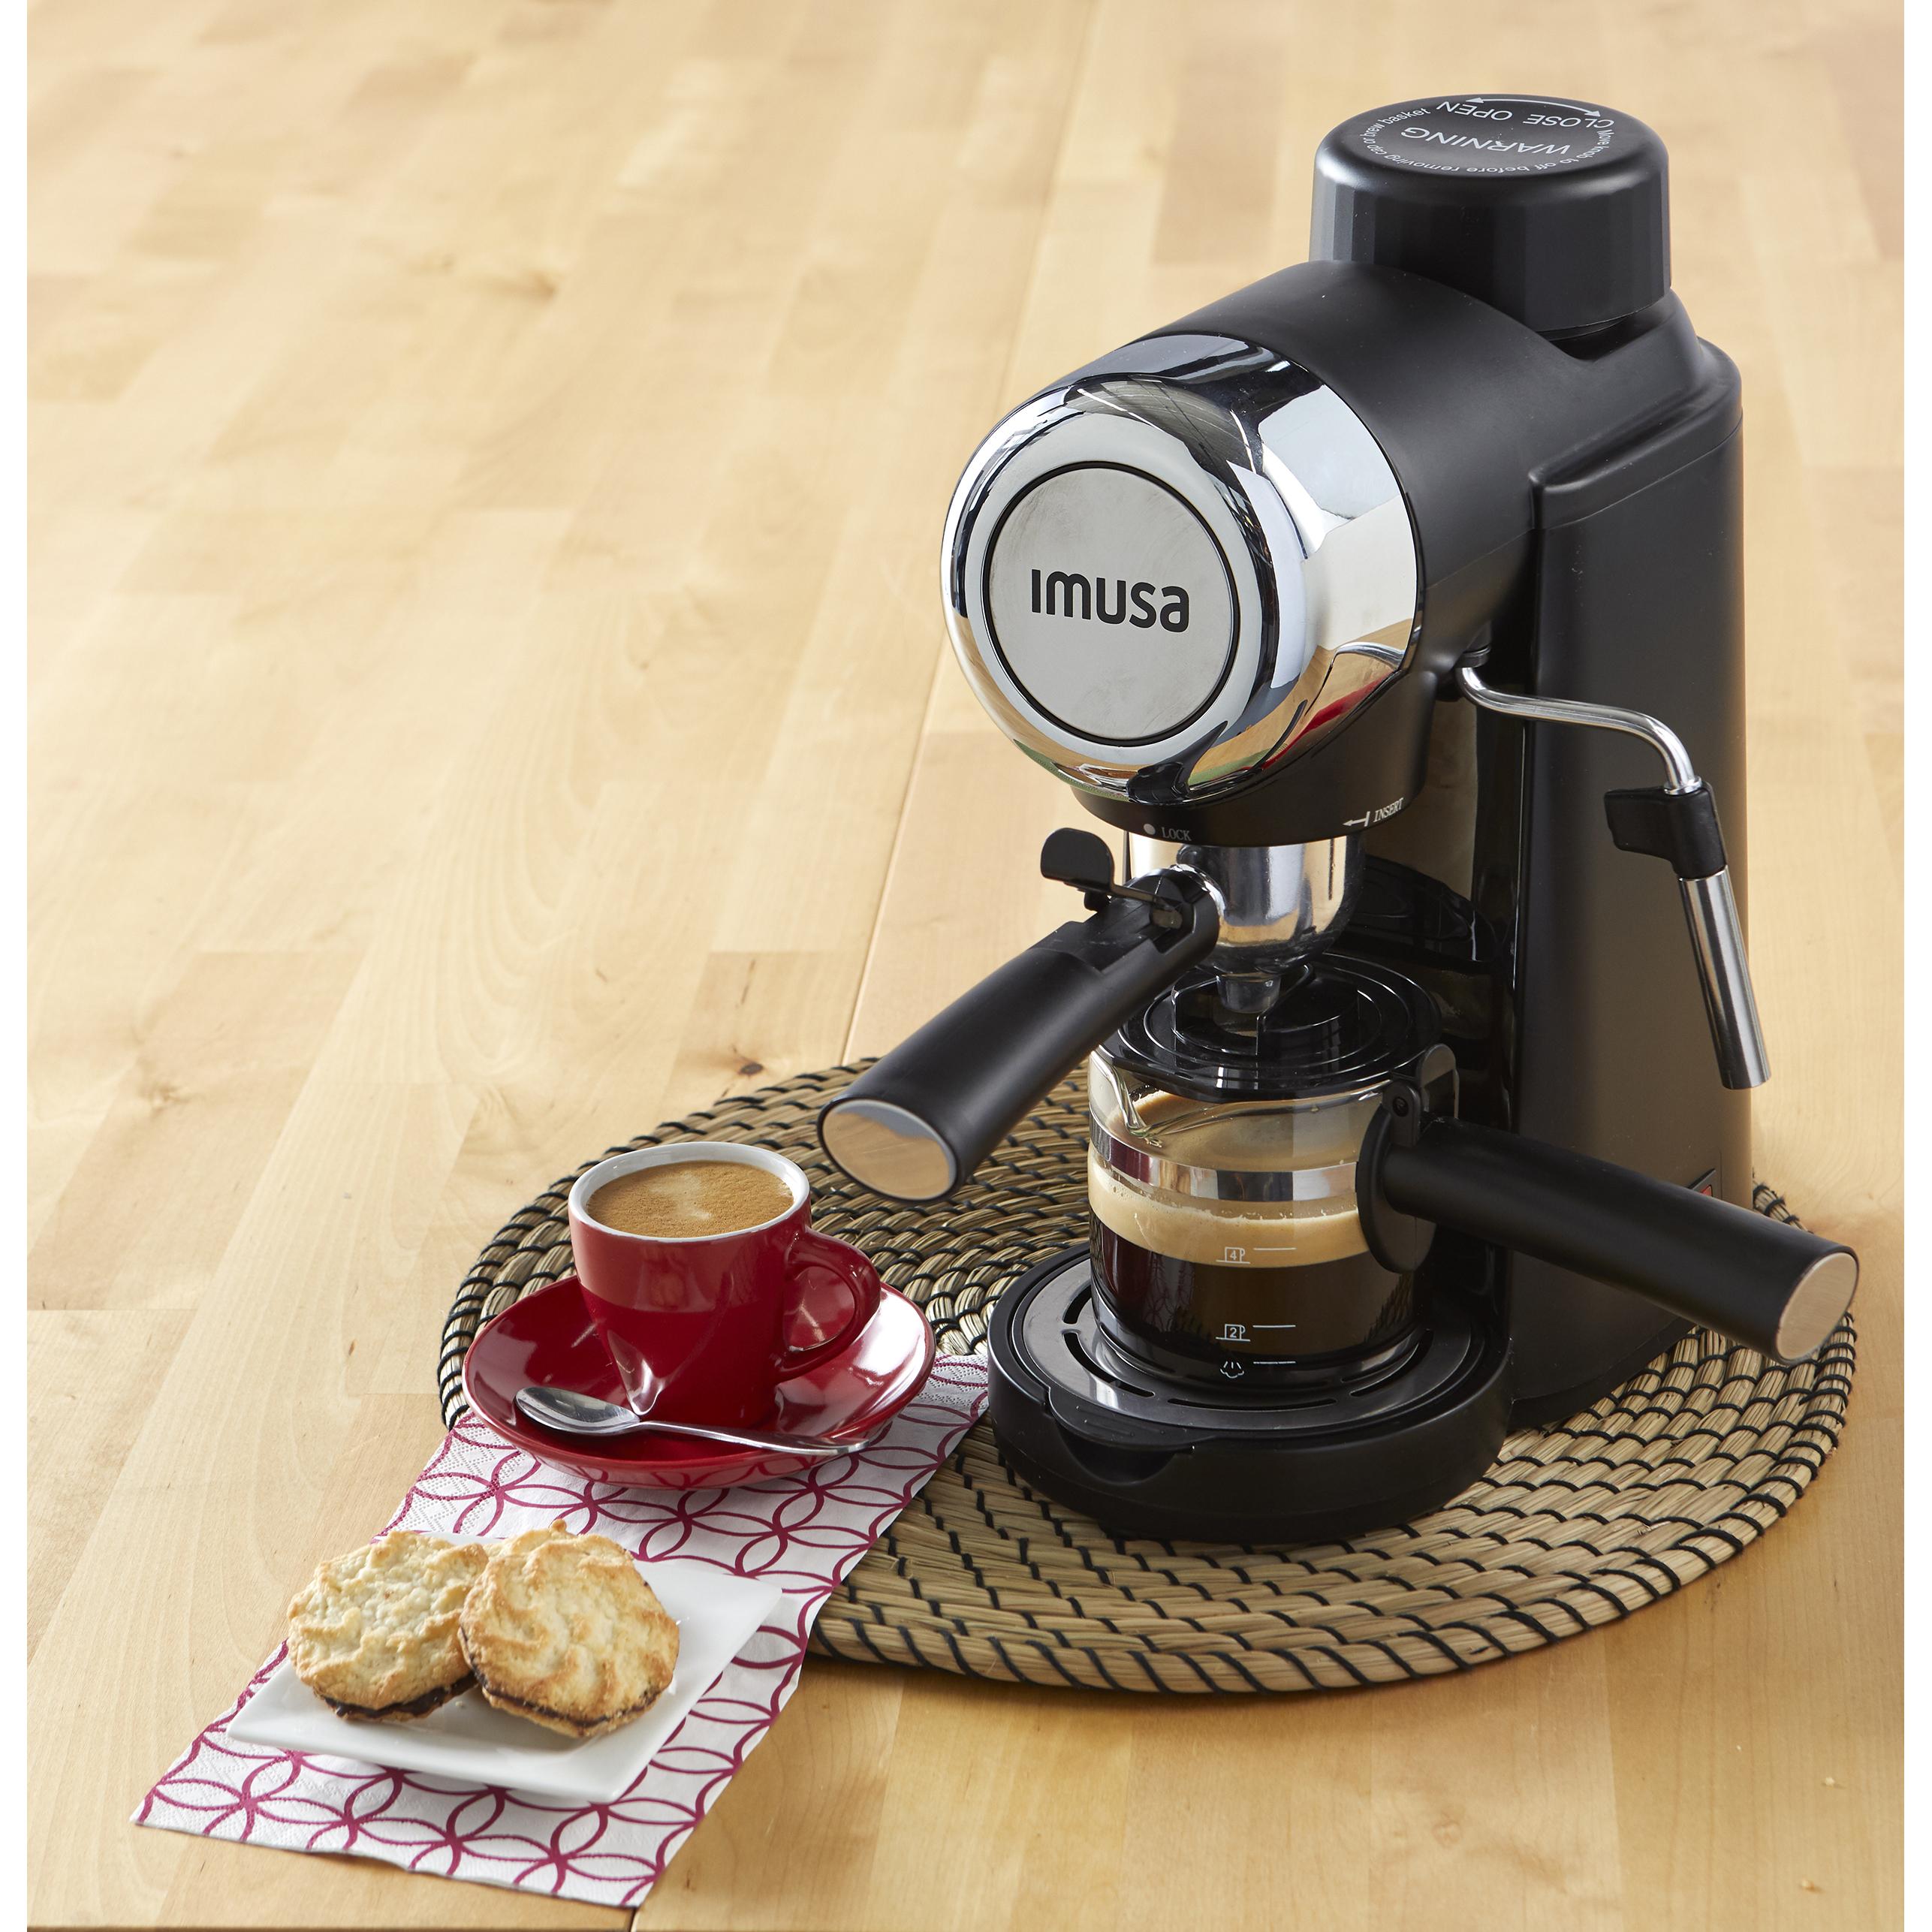 IMUSA IMUSA Electric Espresso/Cappuccino Maker 4 Cup 800 Watts, Black - IMUSA